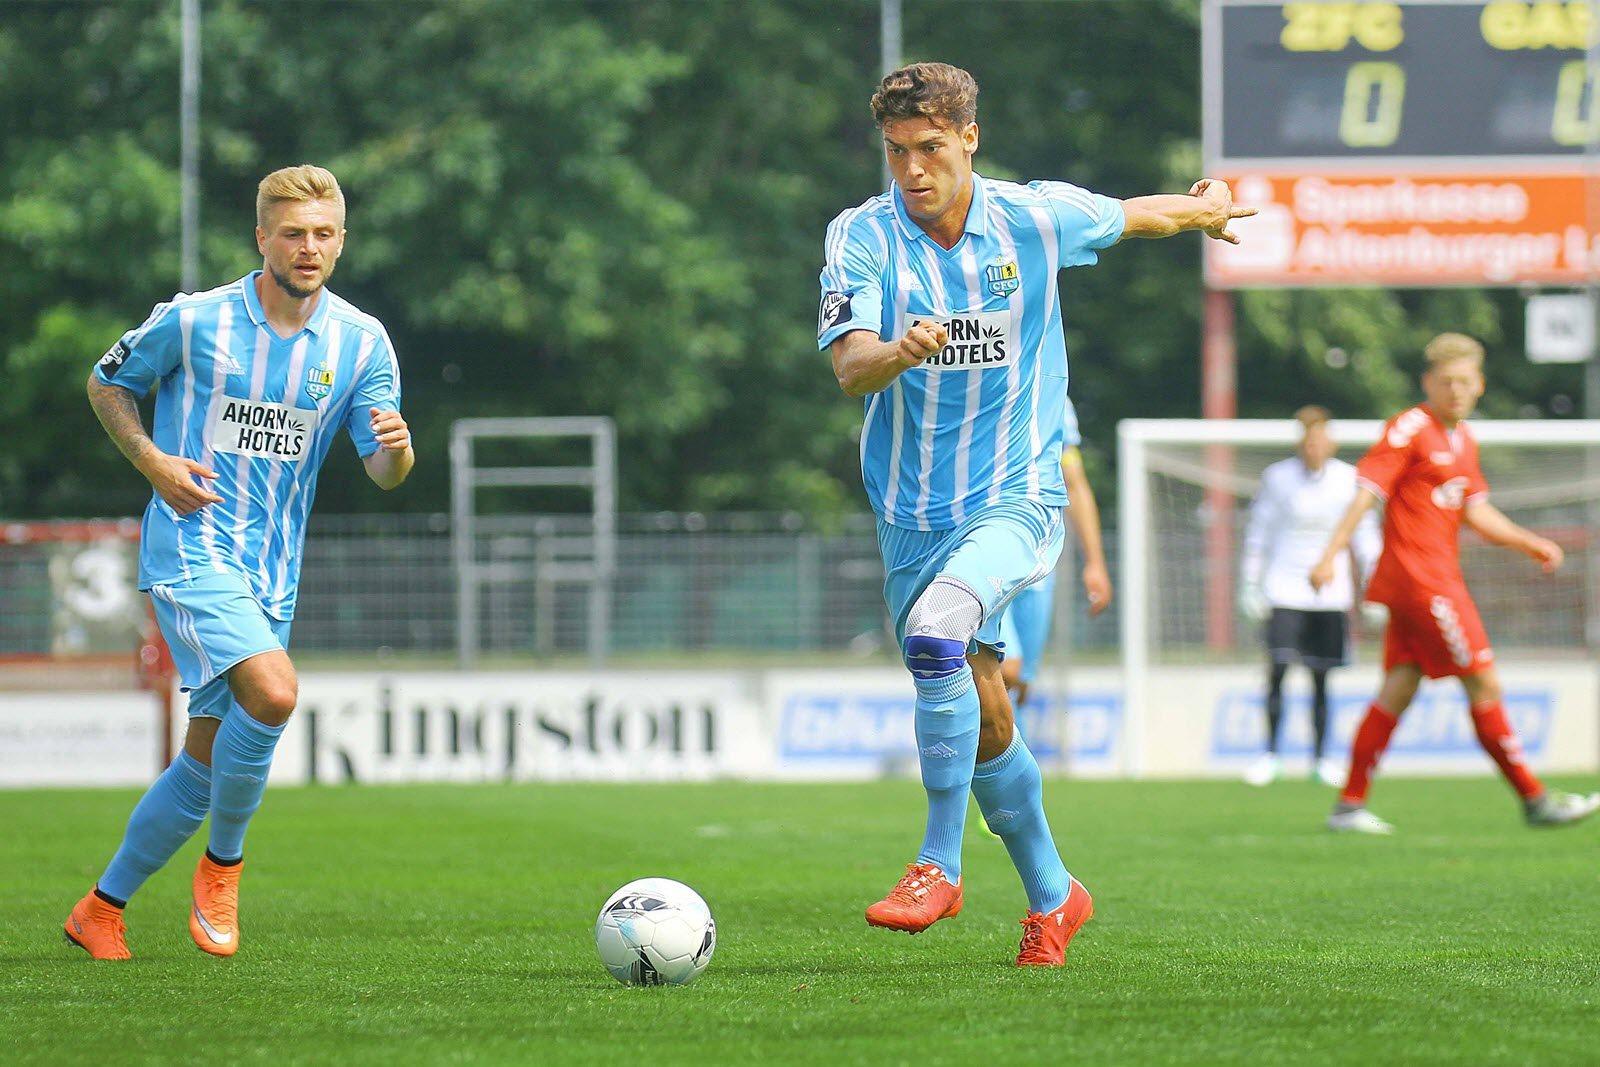 Florian Trinks und Myroslav Slavov vom Chemnitzer FC